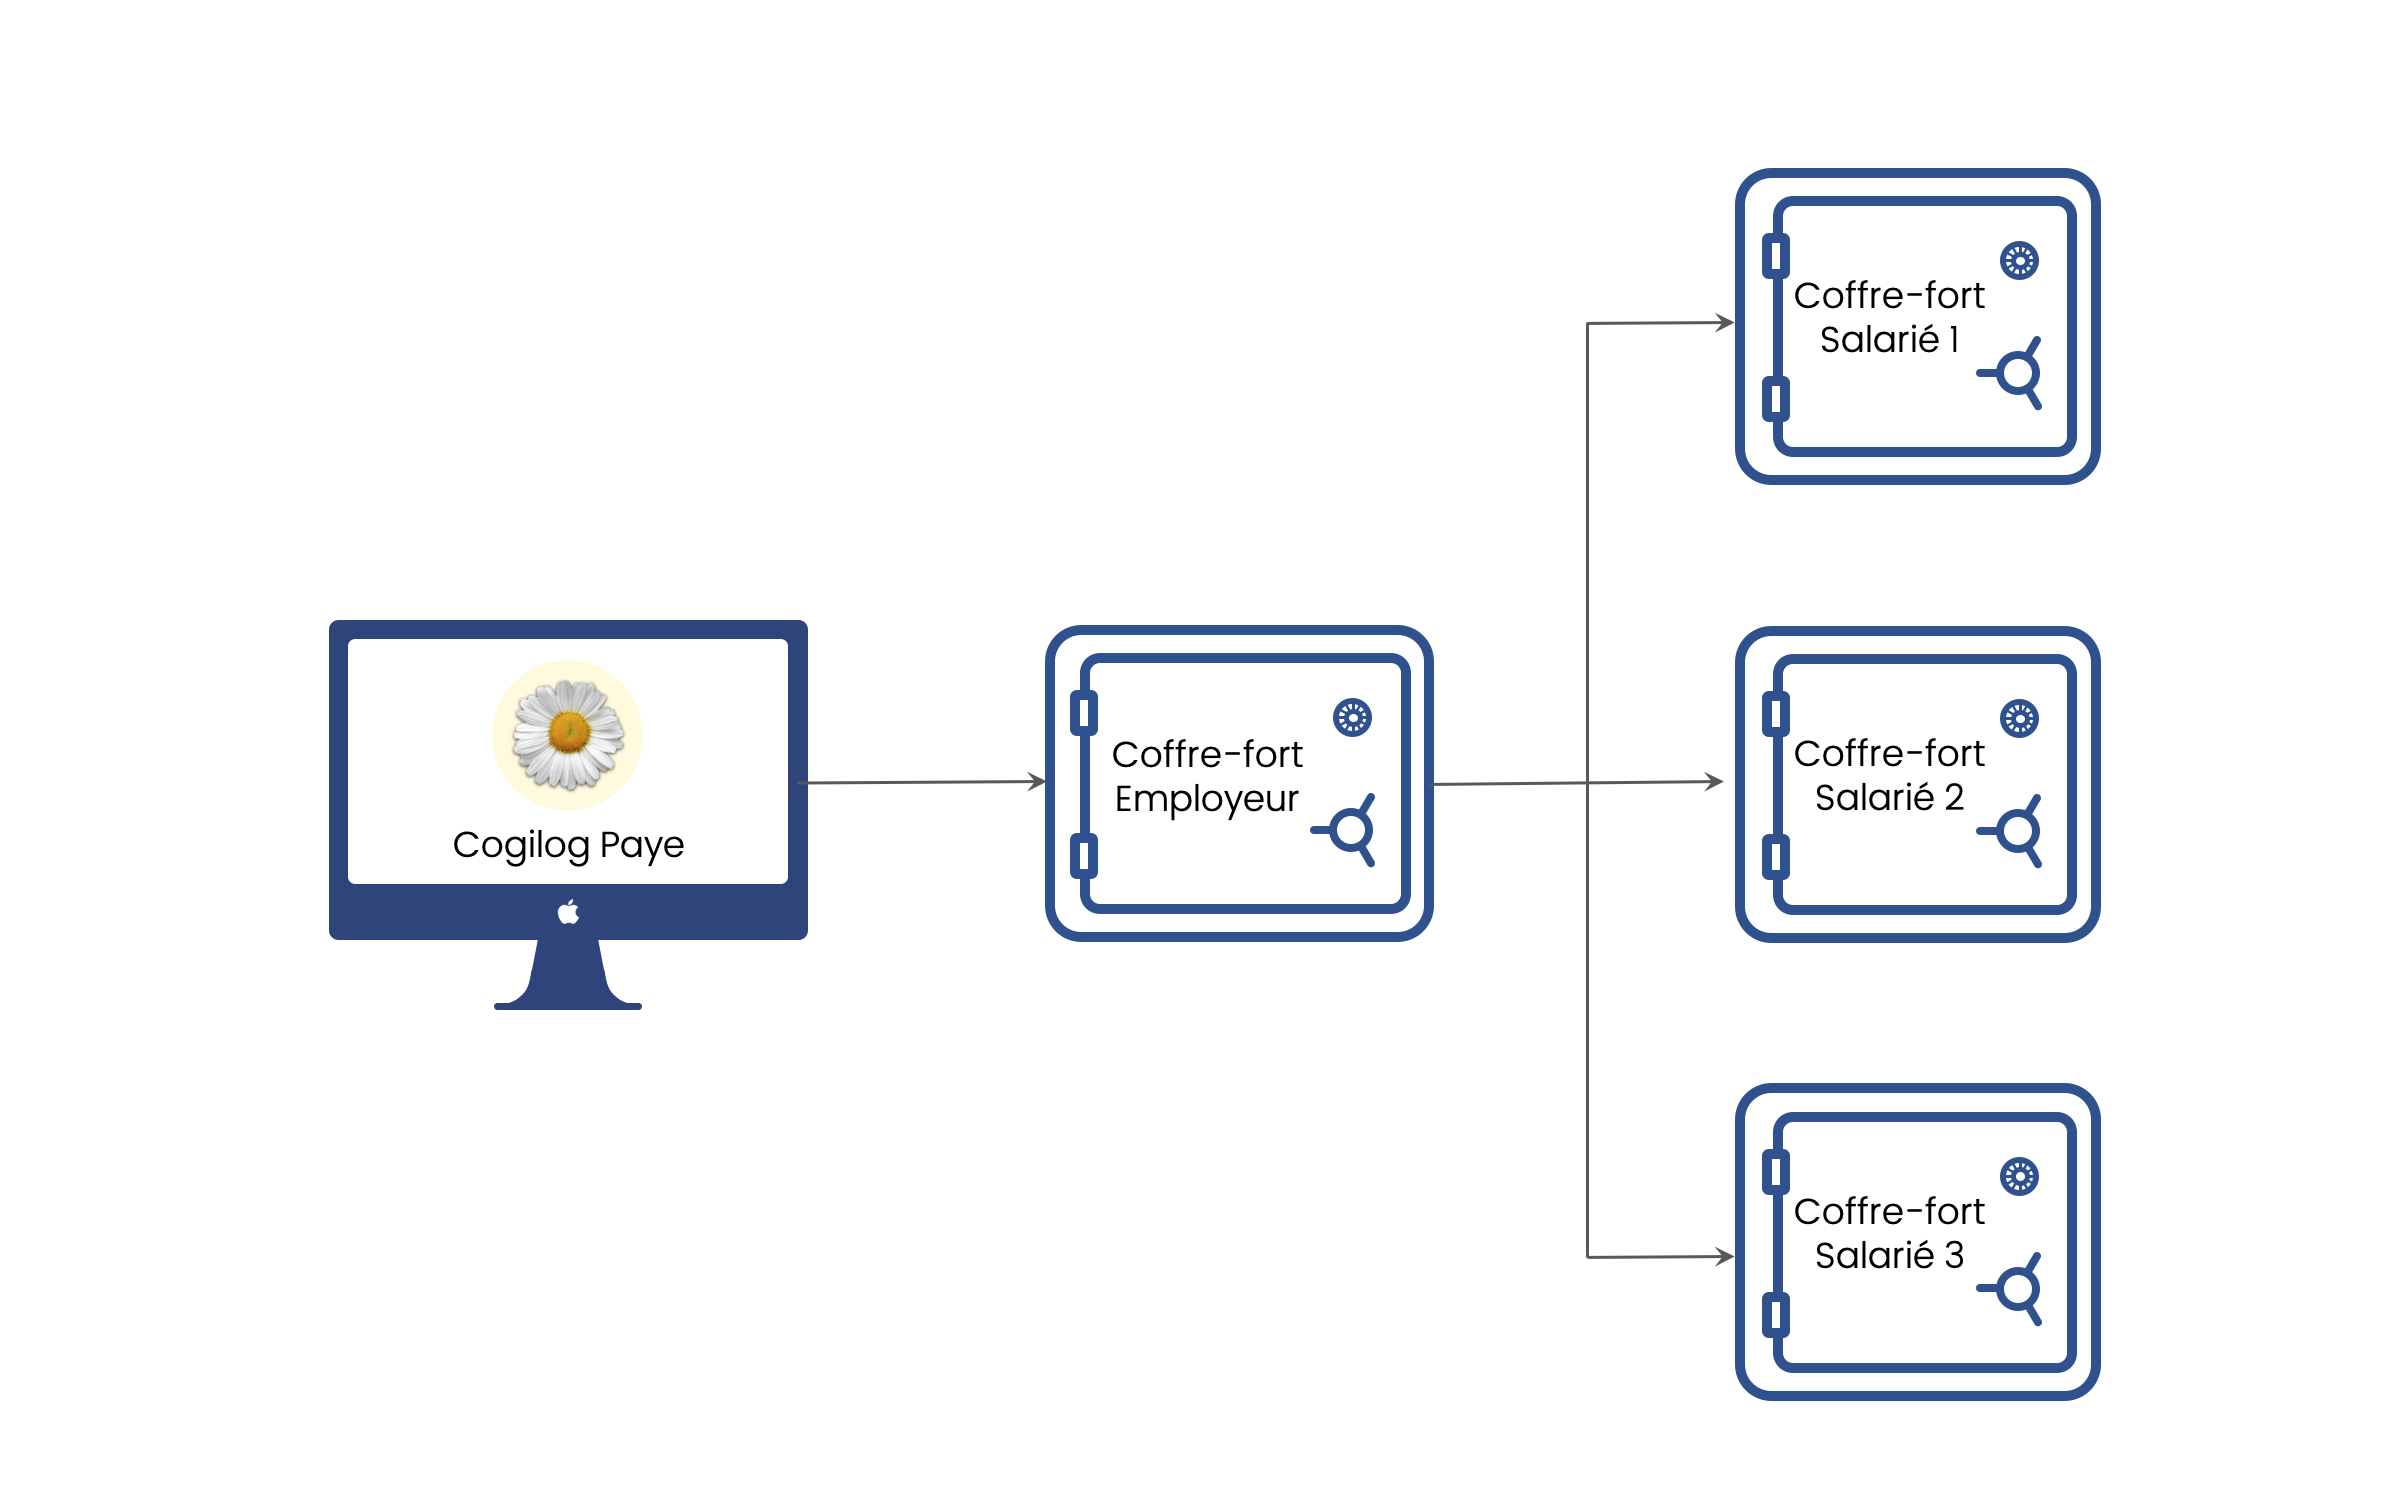 Schéma fonctionnel coffre-fort électronique Cogilog Paye